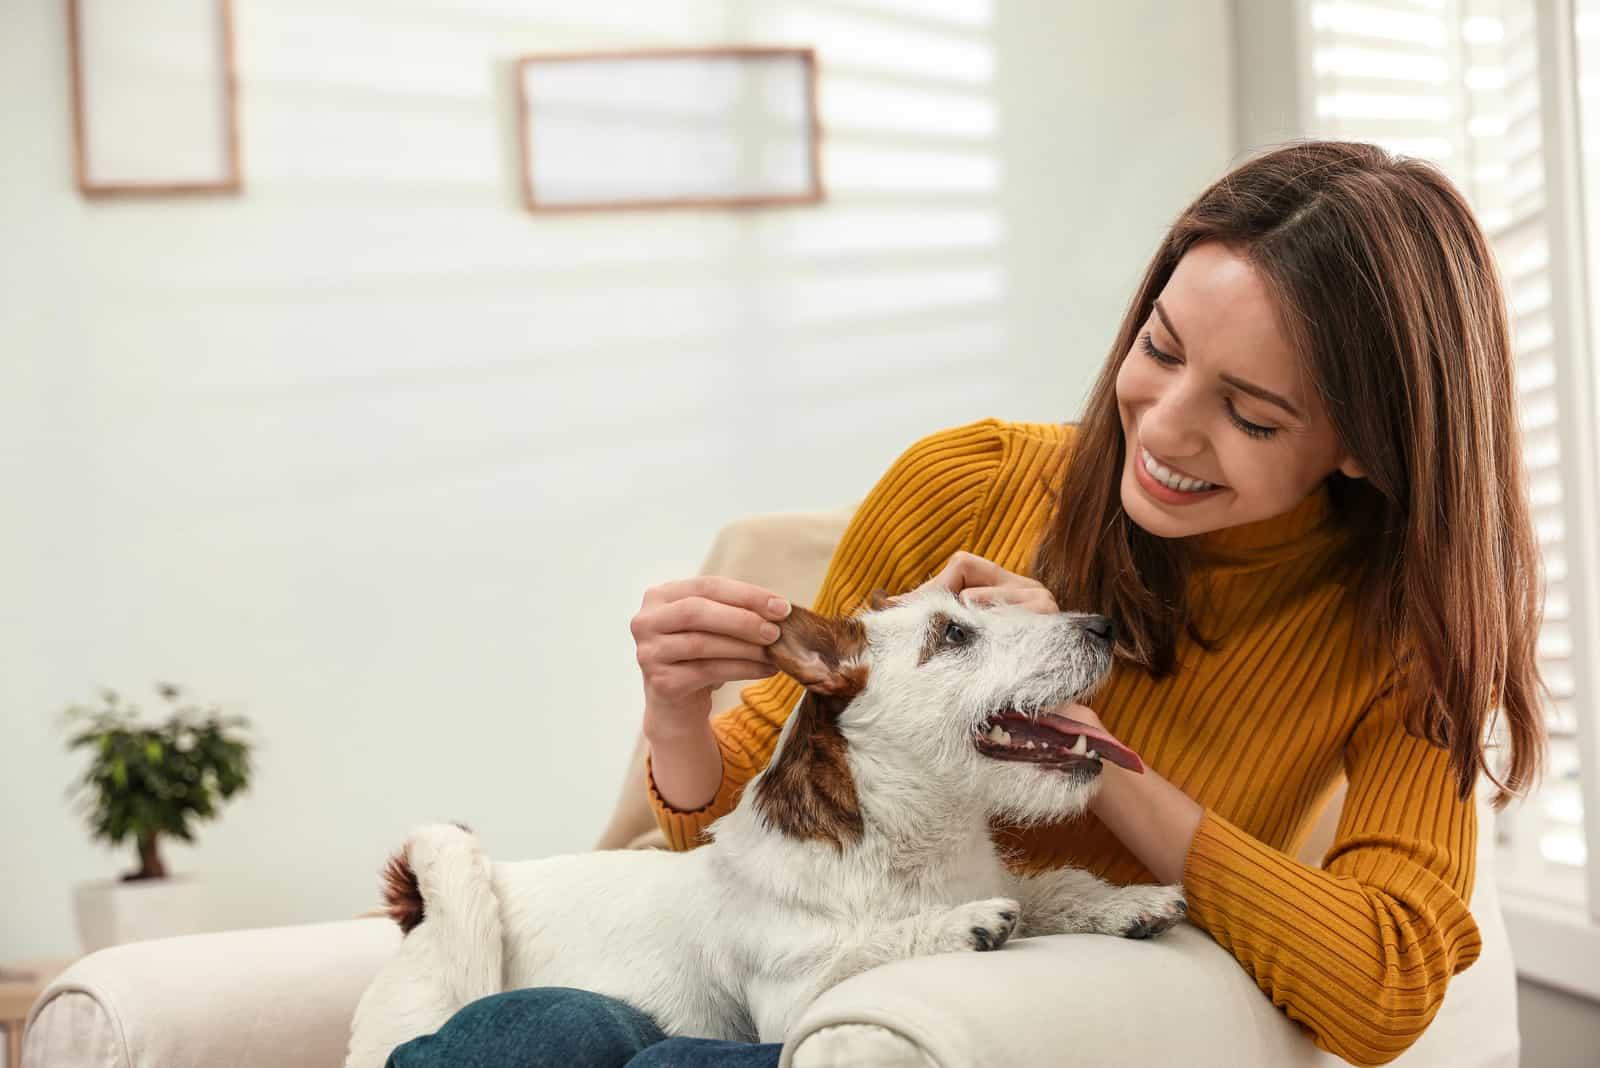 eine lächelnde Frau, die mit einem Hund spielt